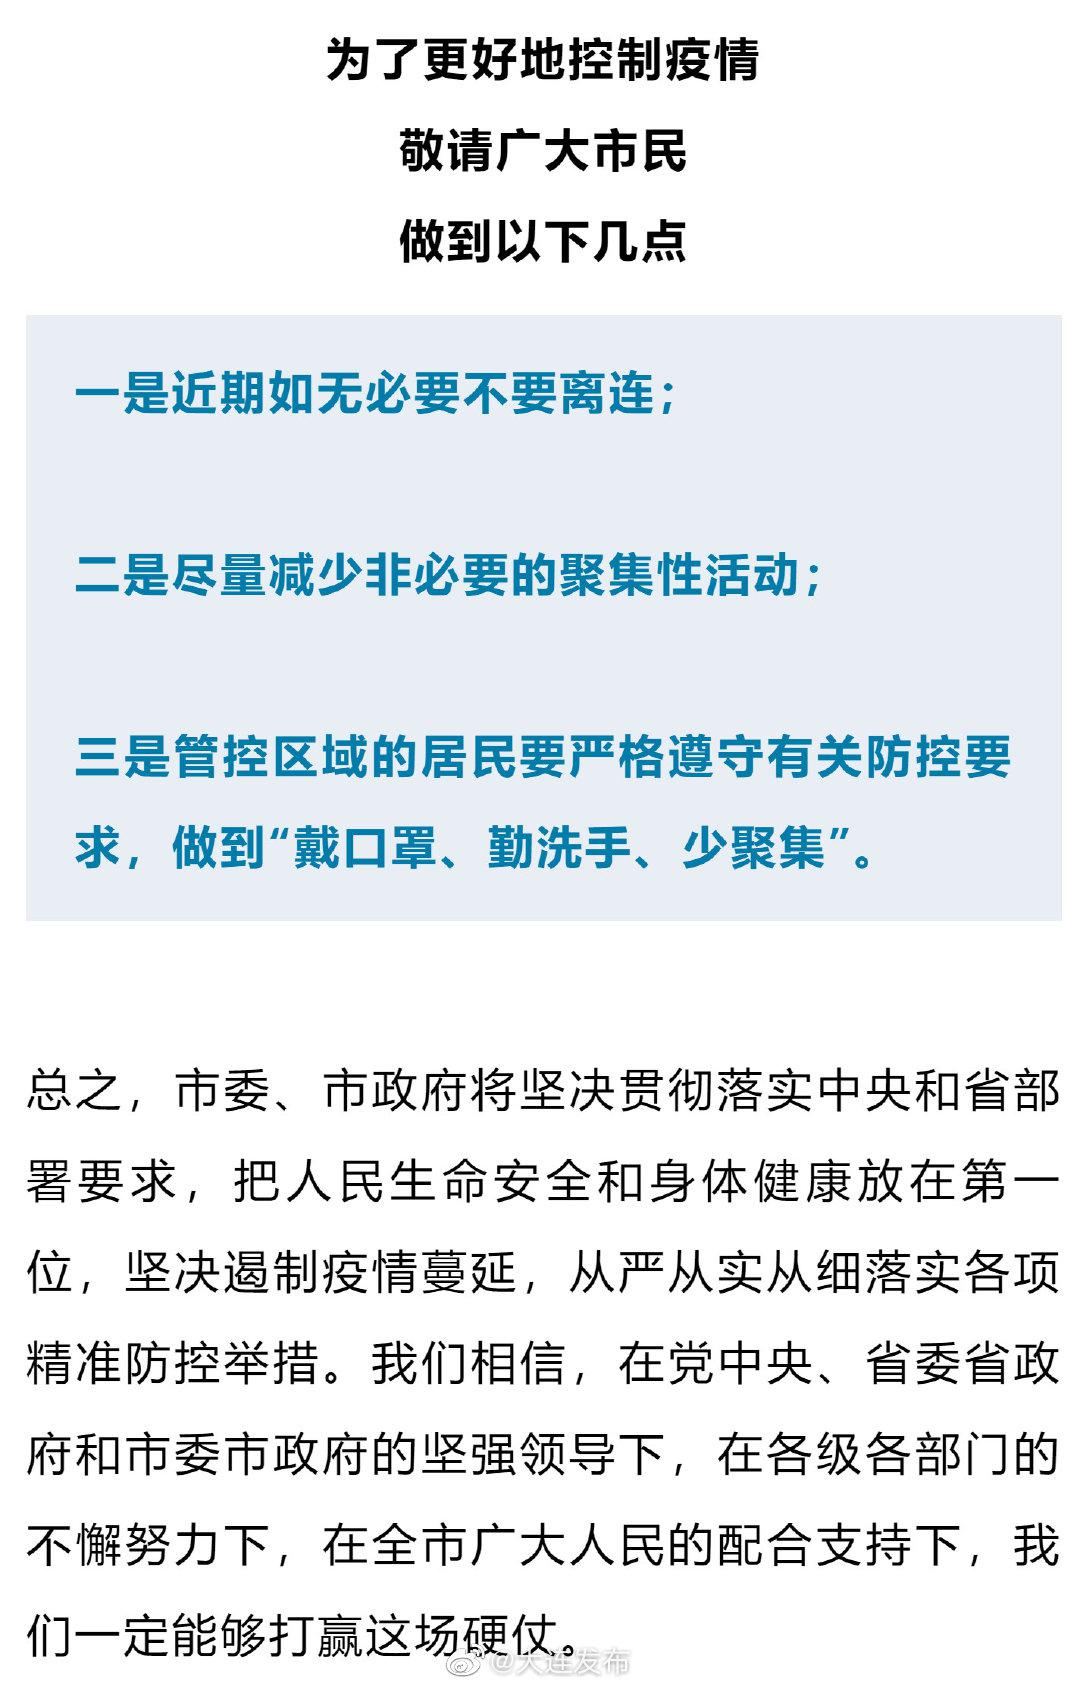 杏悦:大连市民近期如无必要不要离杏悦连图片